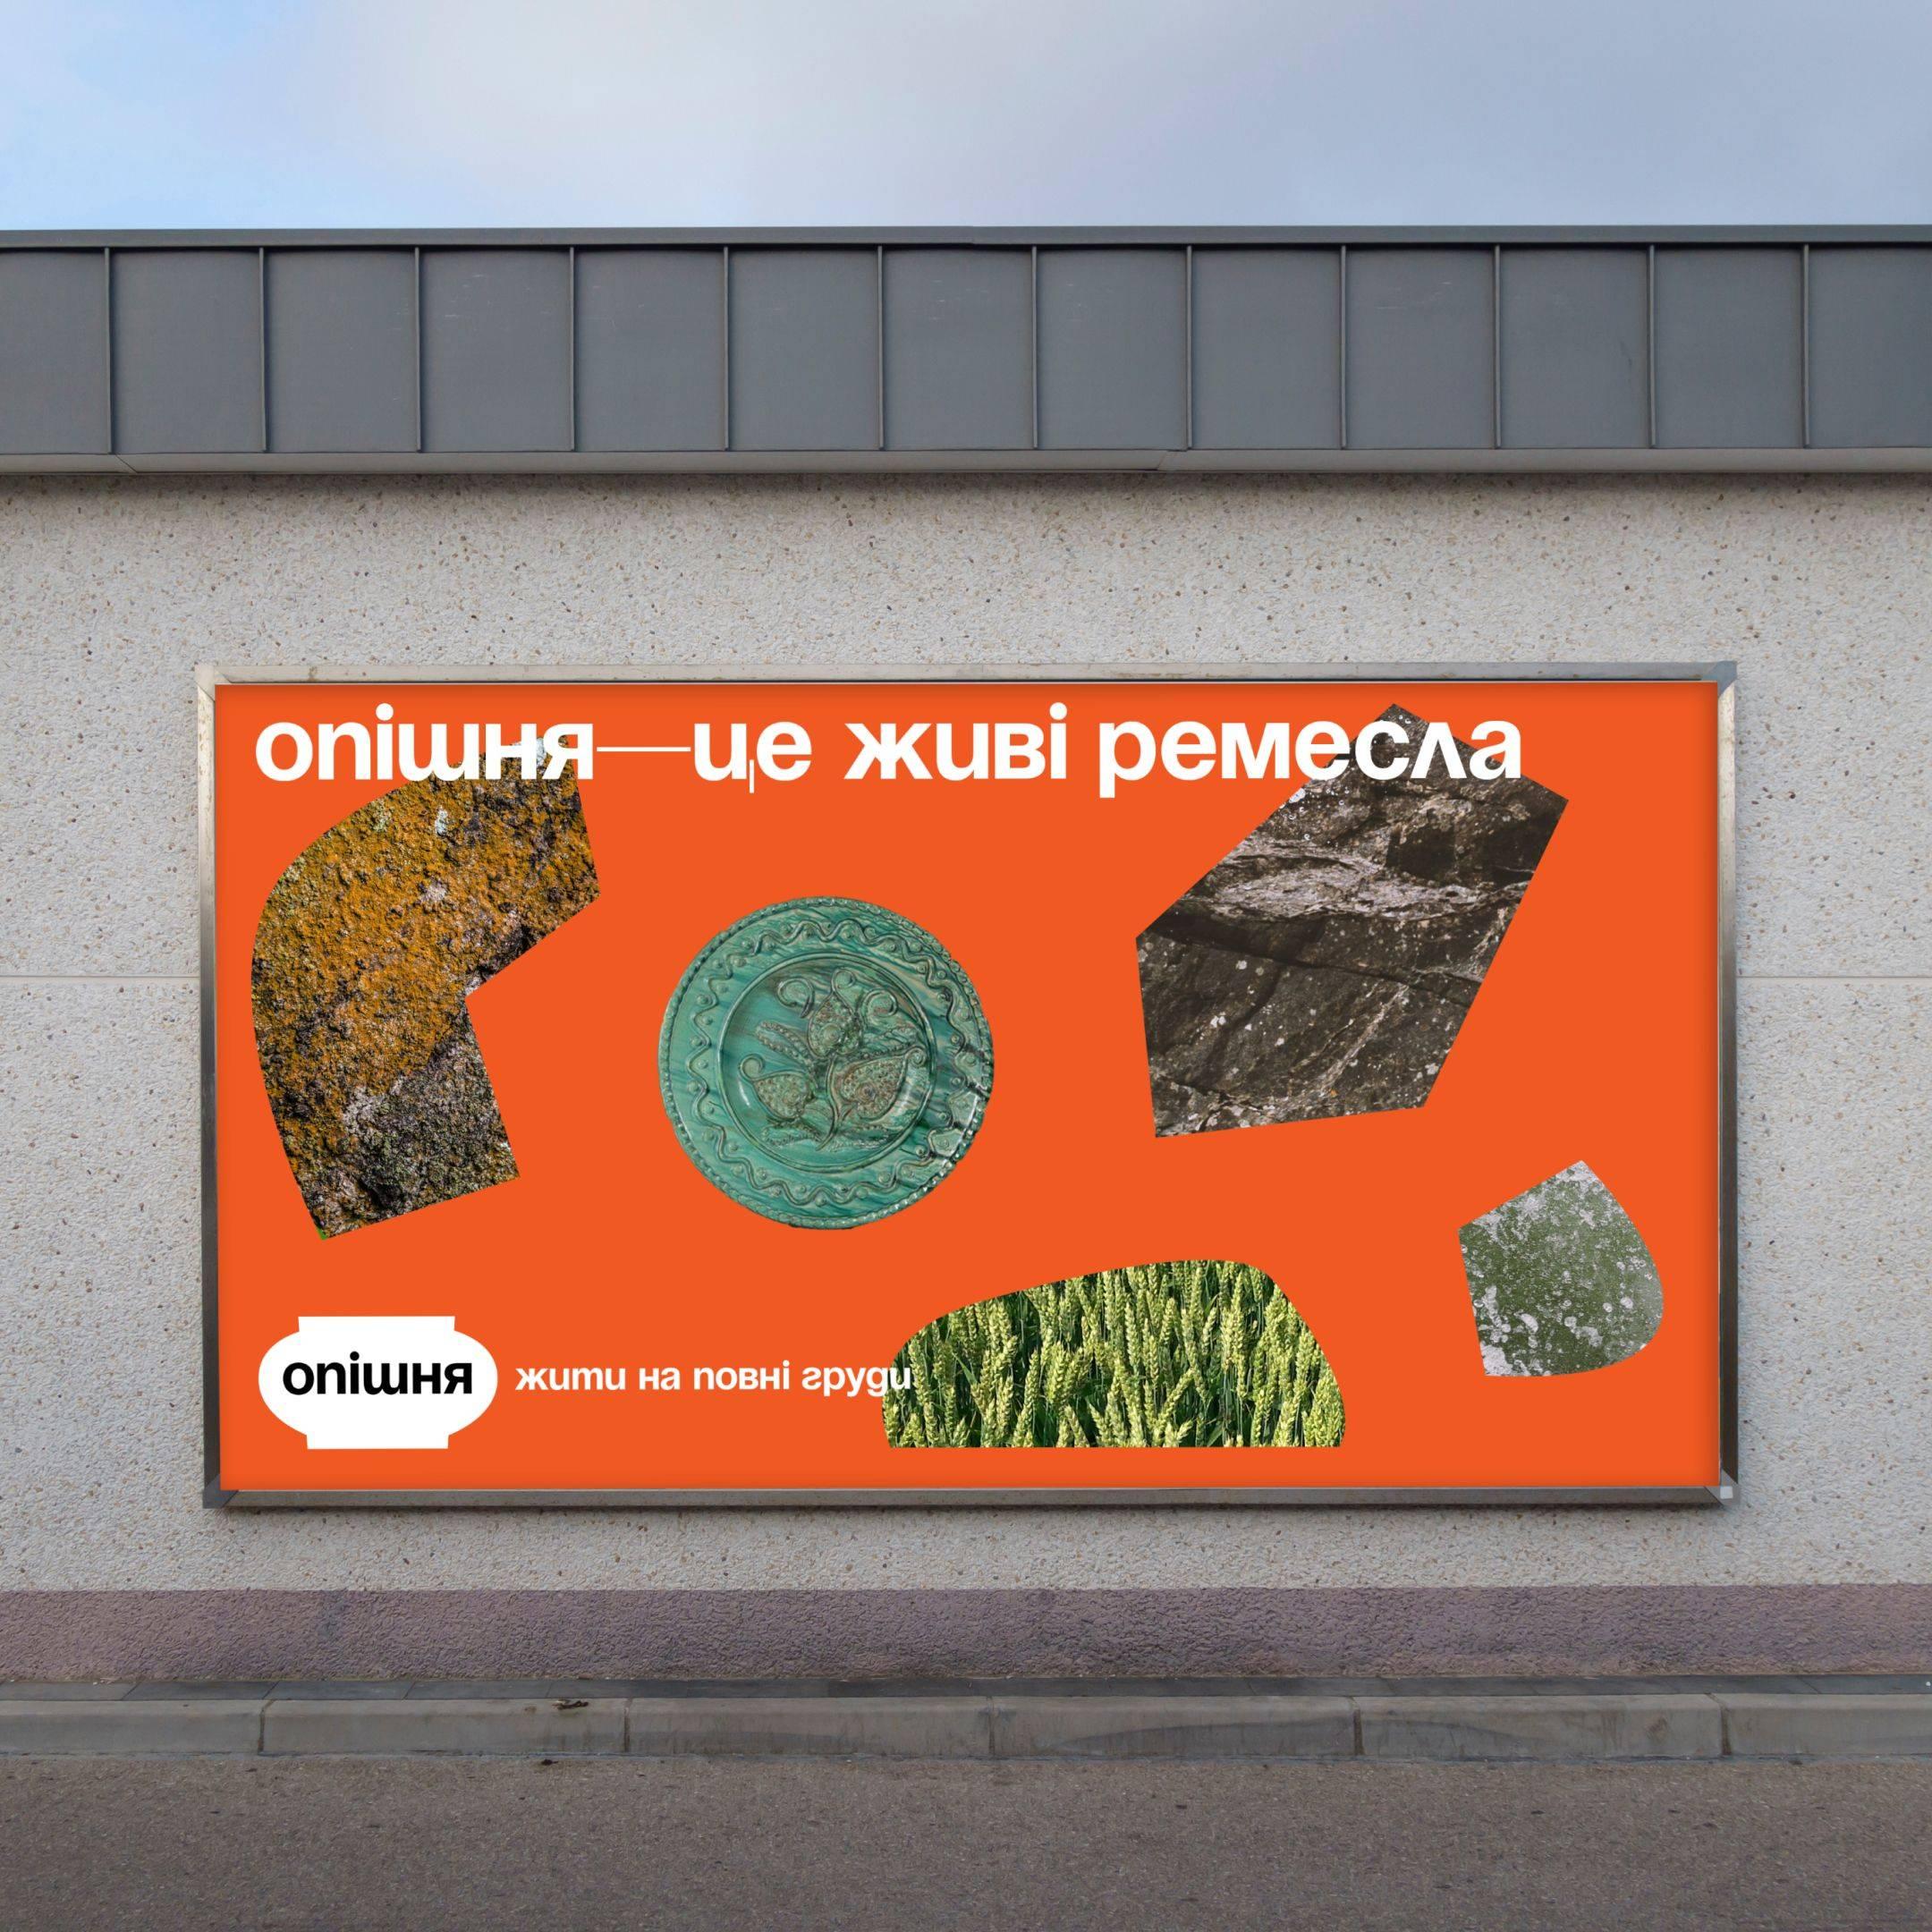 Новий бренд Опішні від Місто-сад і Orchidea agency